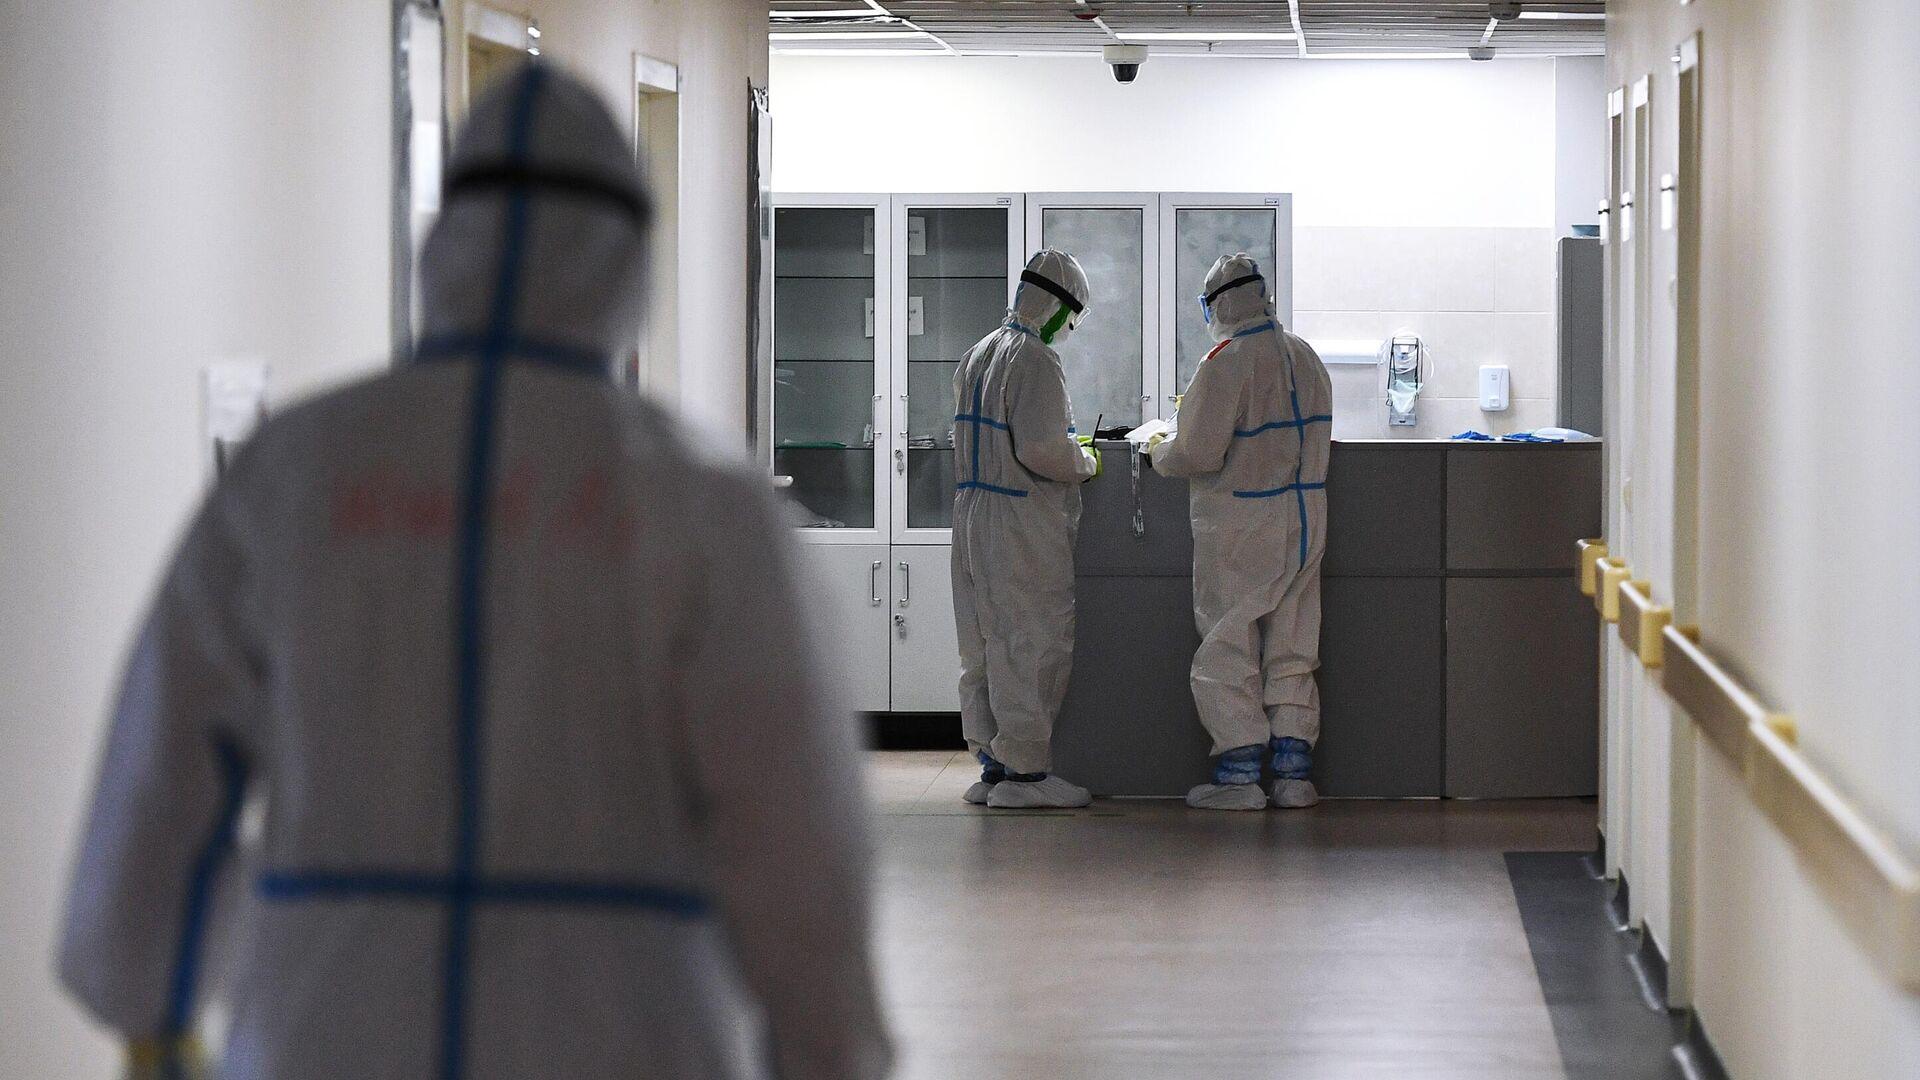 Медицинские работники в одном из отделений госпиталя COVID-19 в Центре мозга и нейротехнологий ФМБА России - РИА Новости, 1920, 16.09.2020